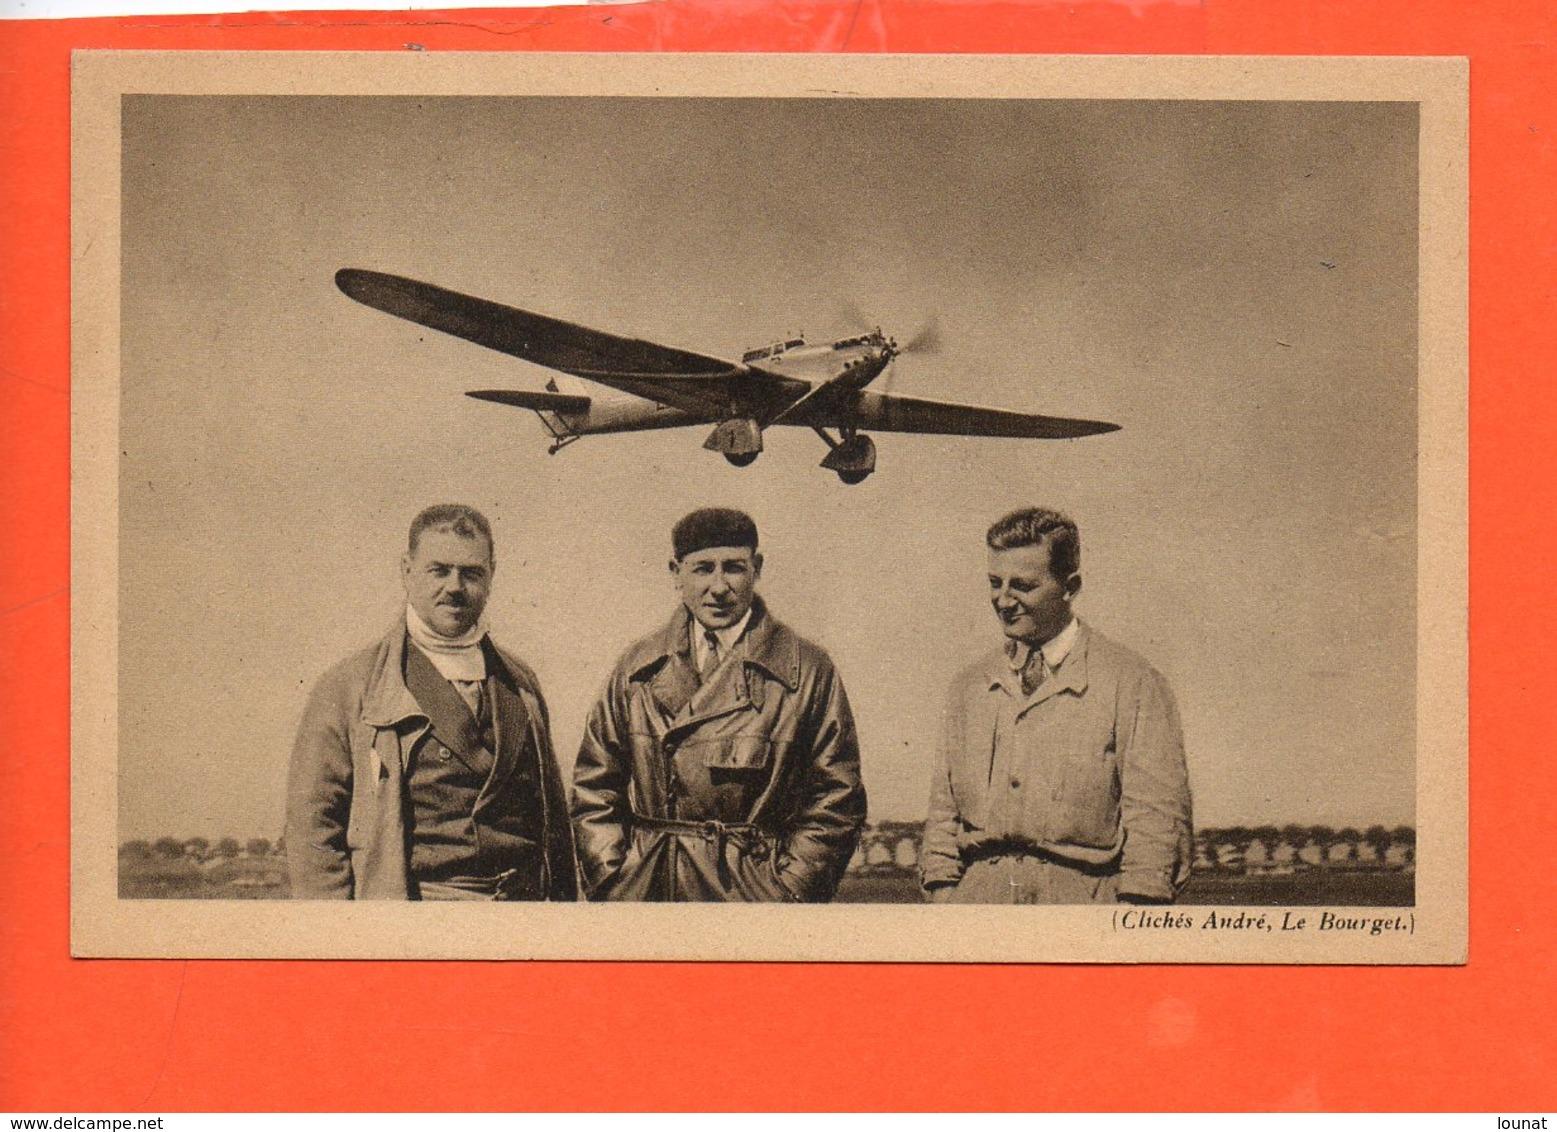 """AVION - Le """" Trait D'Union """", Avion De Raid Dewoitine - Hispano Suiza 650 CV - équipage Doret, Le Brix, Mesmin - Autres"""